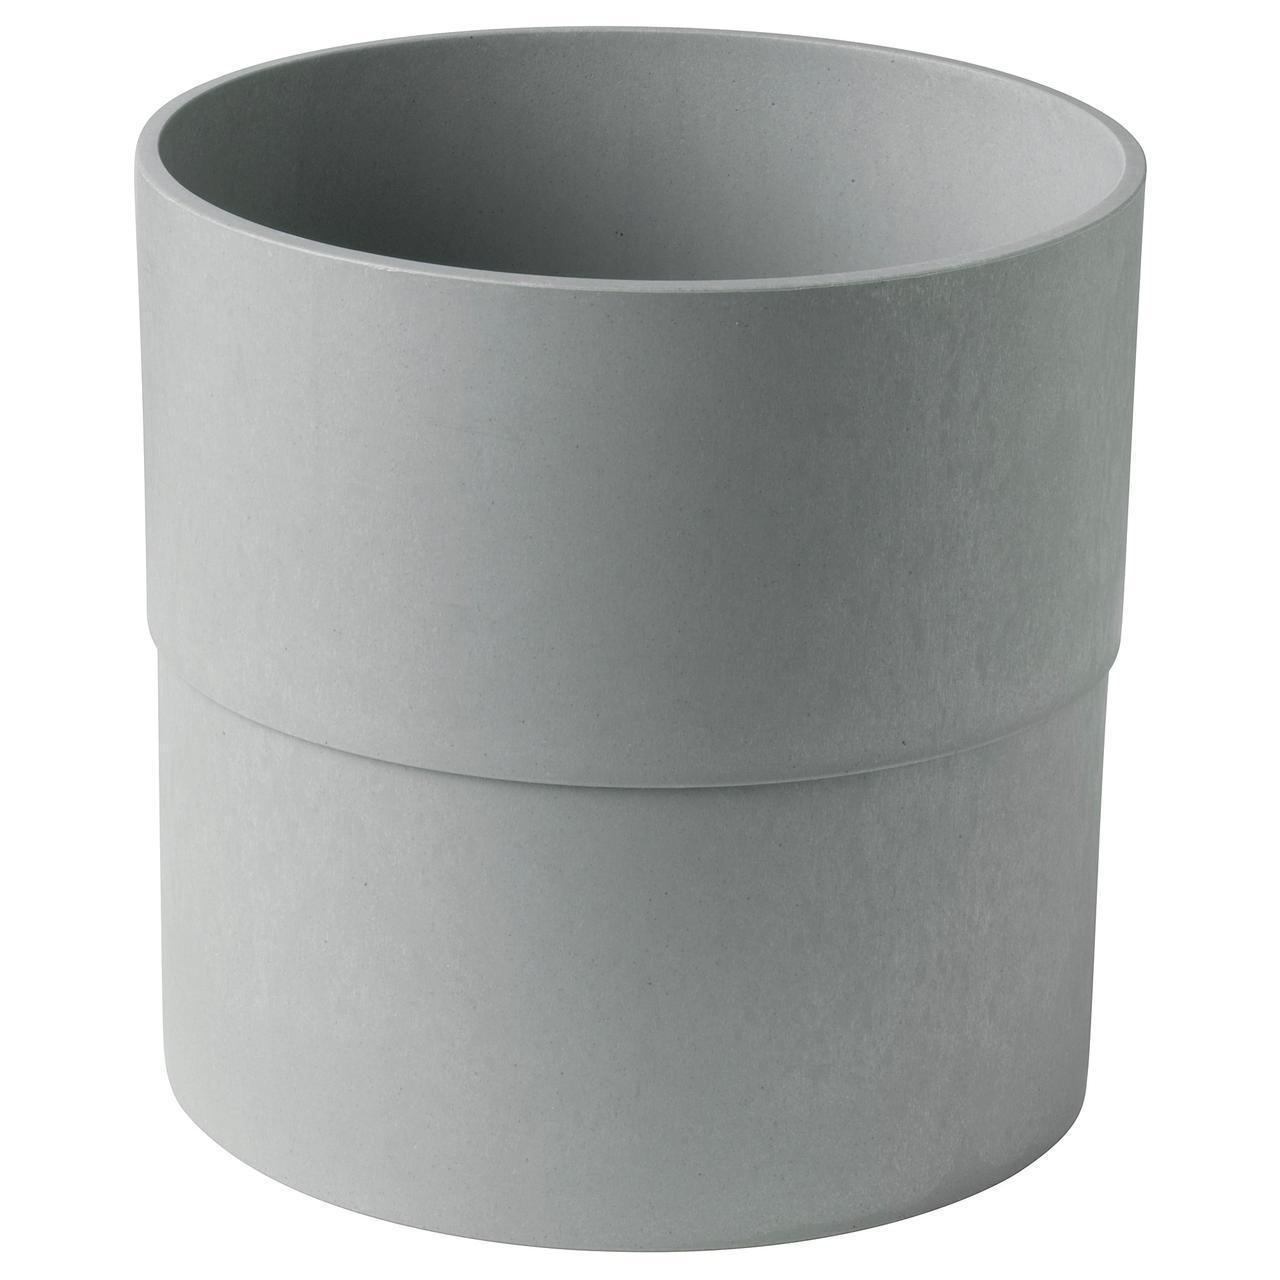 Цветочный горшок IKEA NYPON 24 см серый 003.956.24